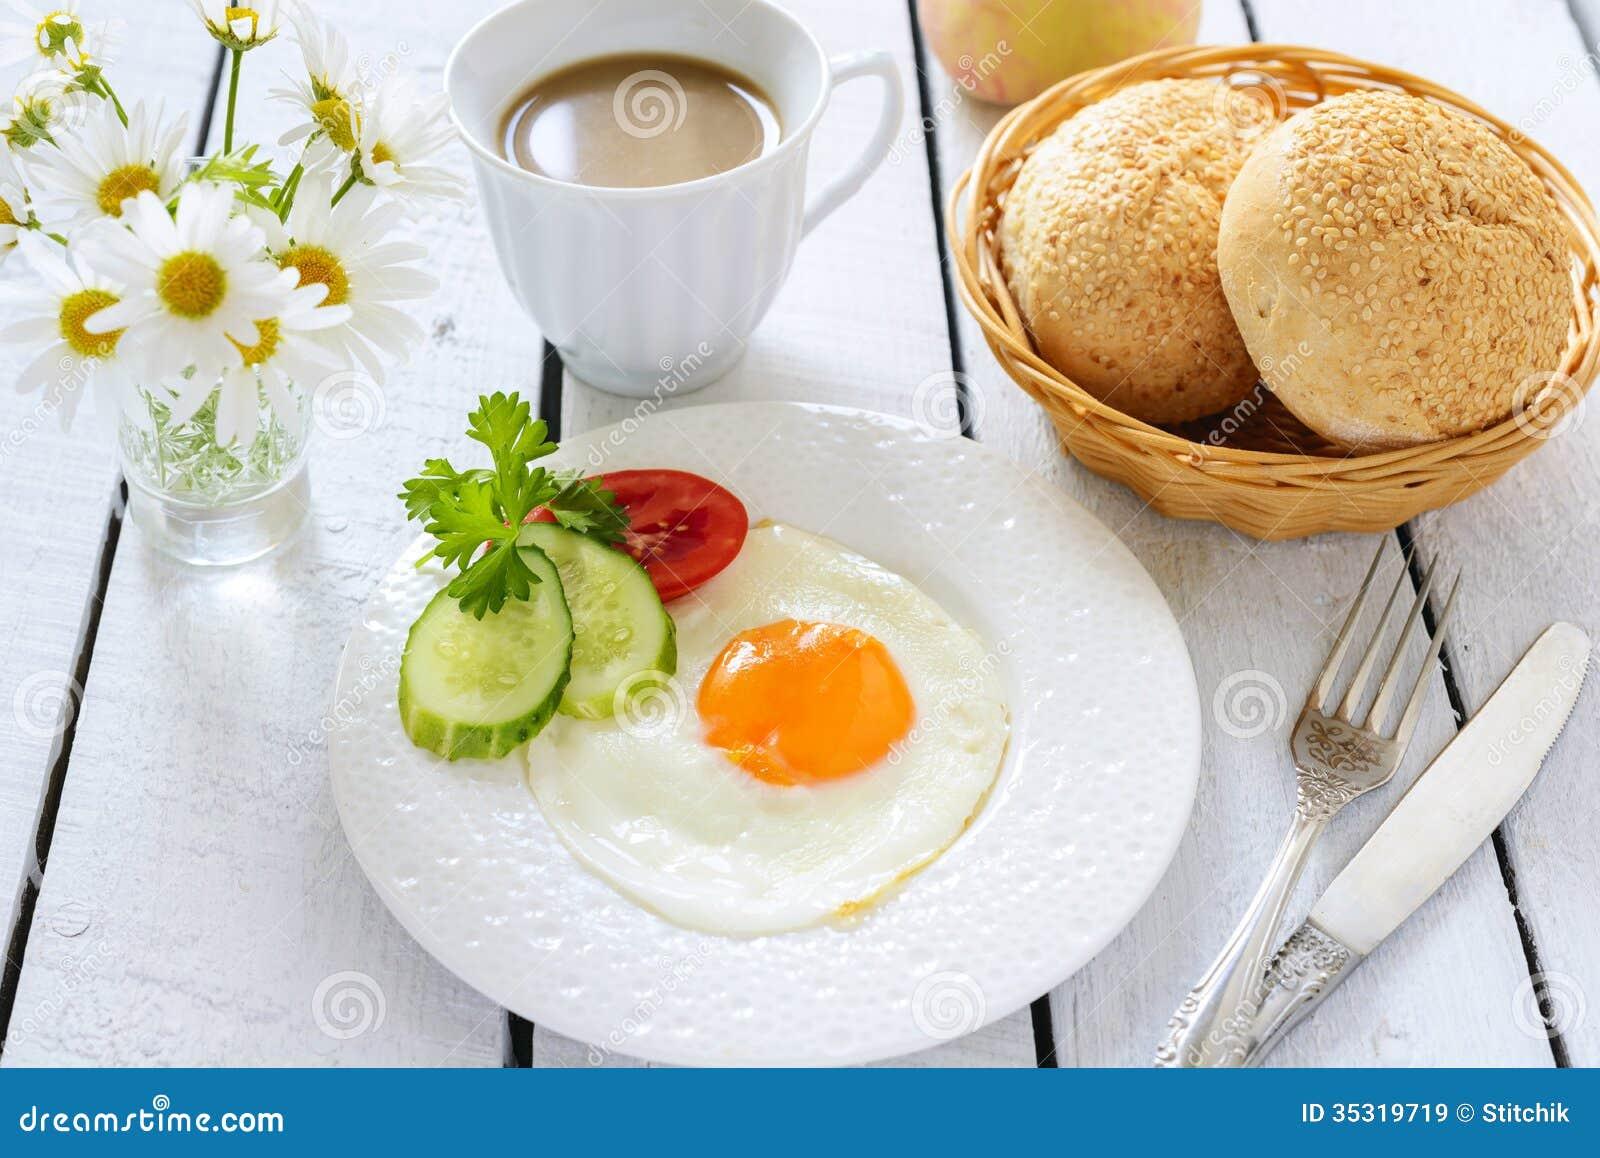 Huevo frito y taza de caf con leche im genes de archivo for Capacidad taza cafe con leche